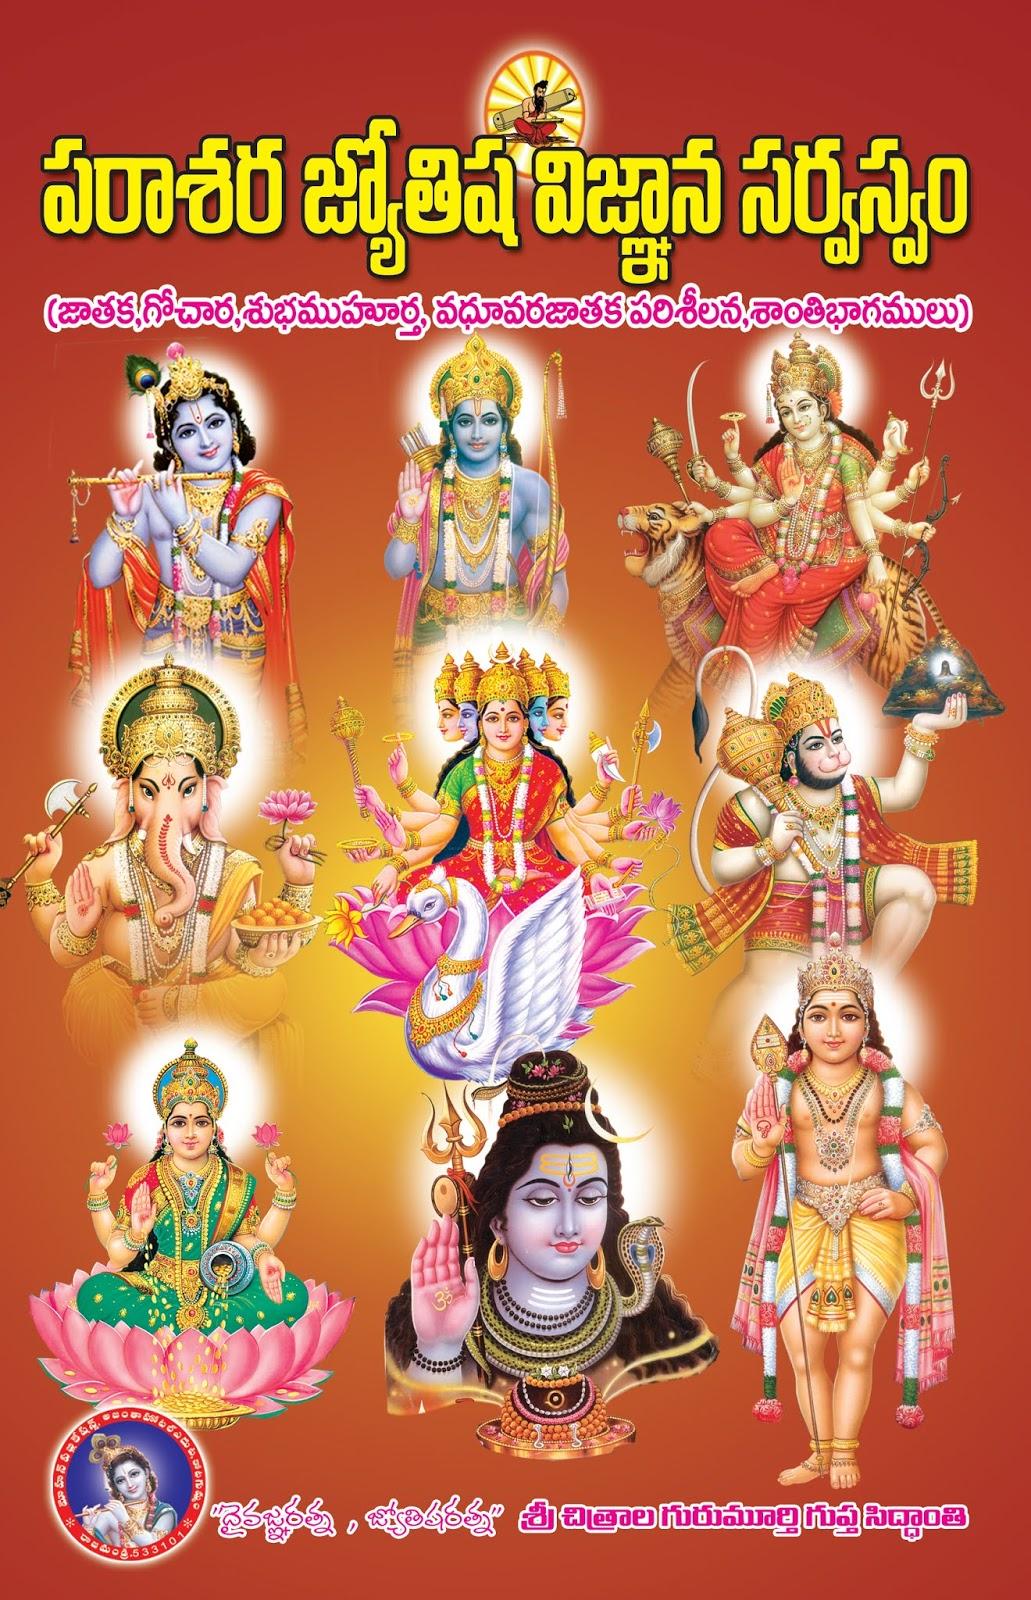 పరాశర జ్యోతిషవిజ్ఞాన సర్వస్వం | Parasara Jyothisha Vignana Sarvasvam | GRANTHANIDHI | MOHANPUBLICATIONS | bhaktipustakalu